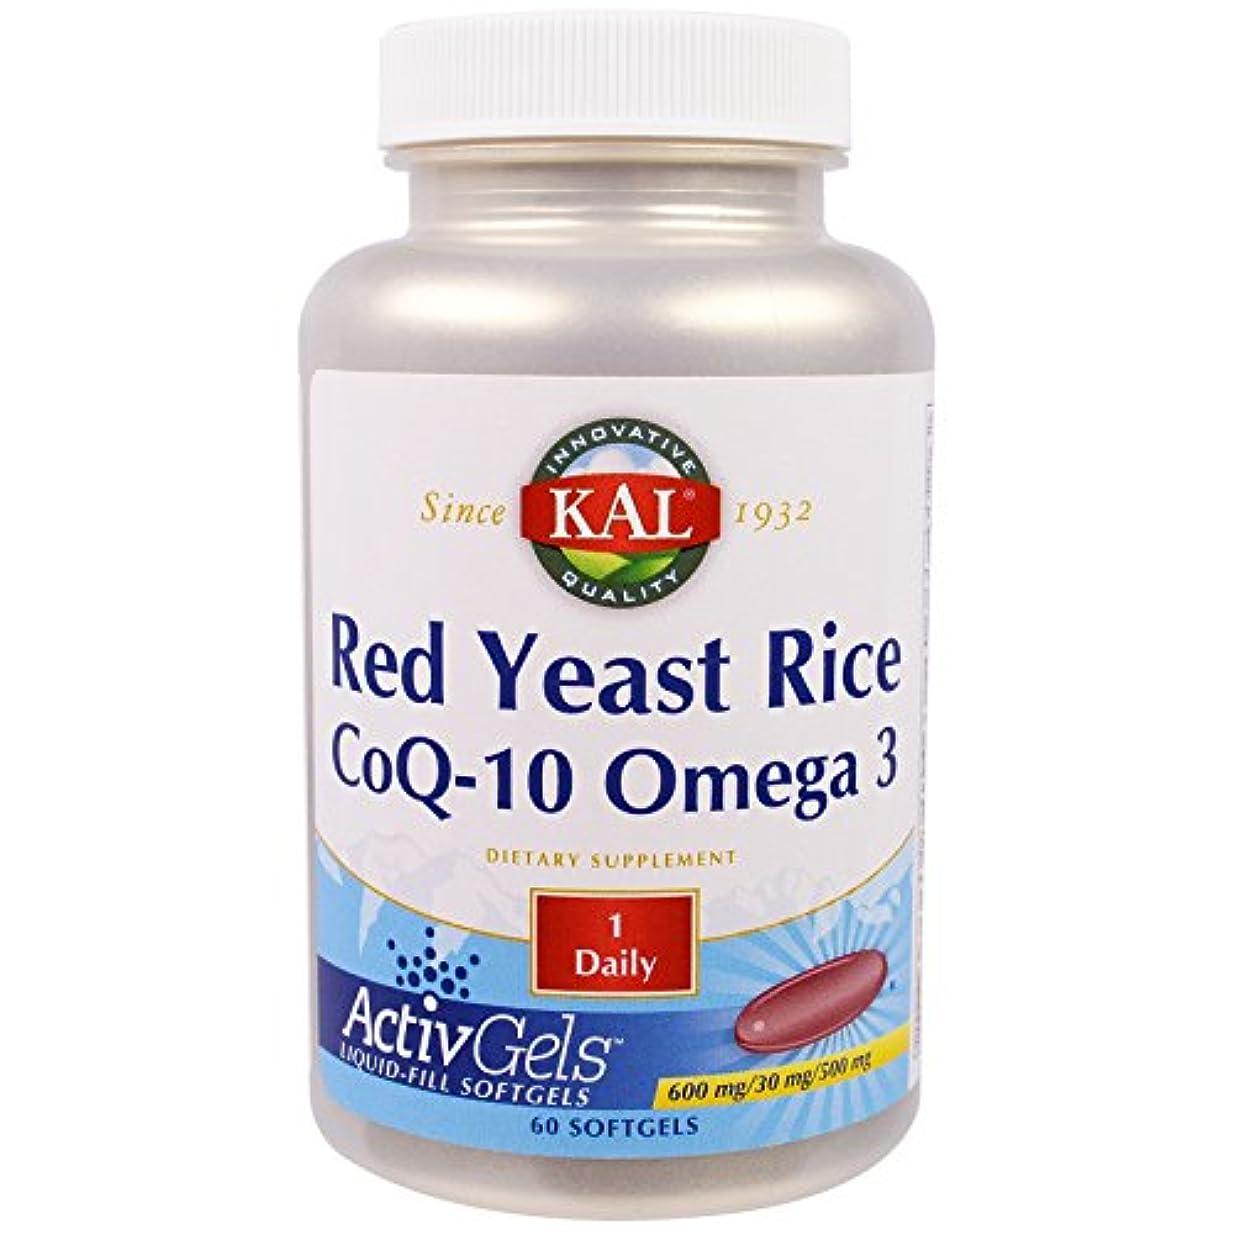 について手段合図紅麹(ベニコウジ)米&コエンザイムQ10 + オメガ3 EPA/DHA 60粒[海外直送品]